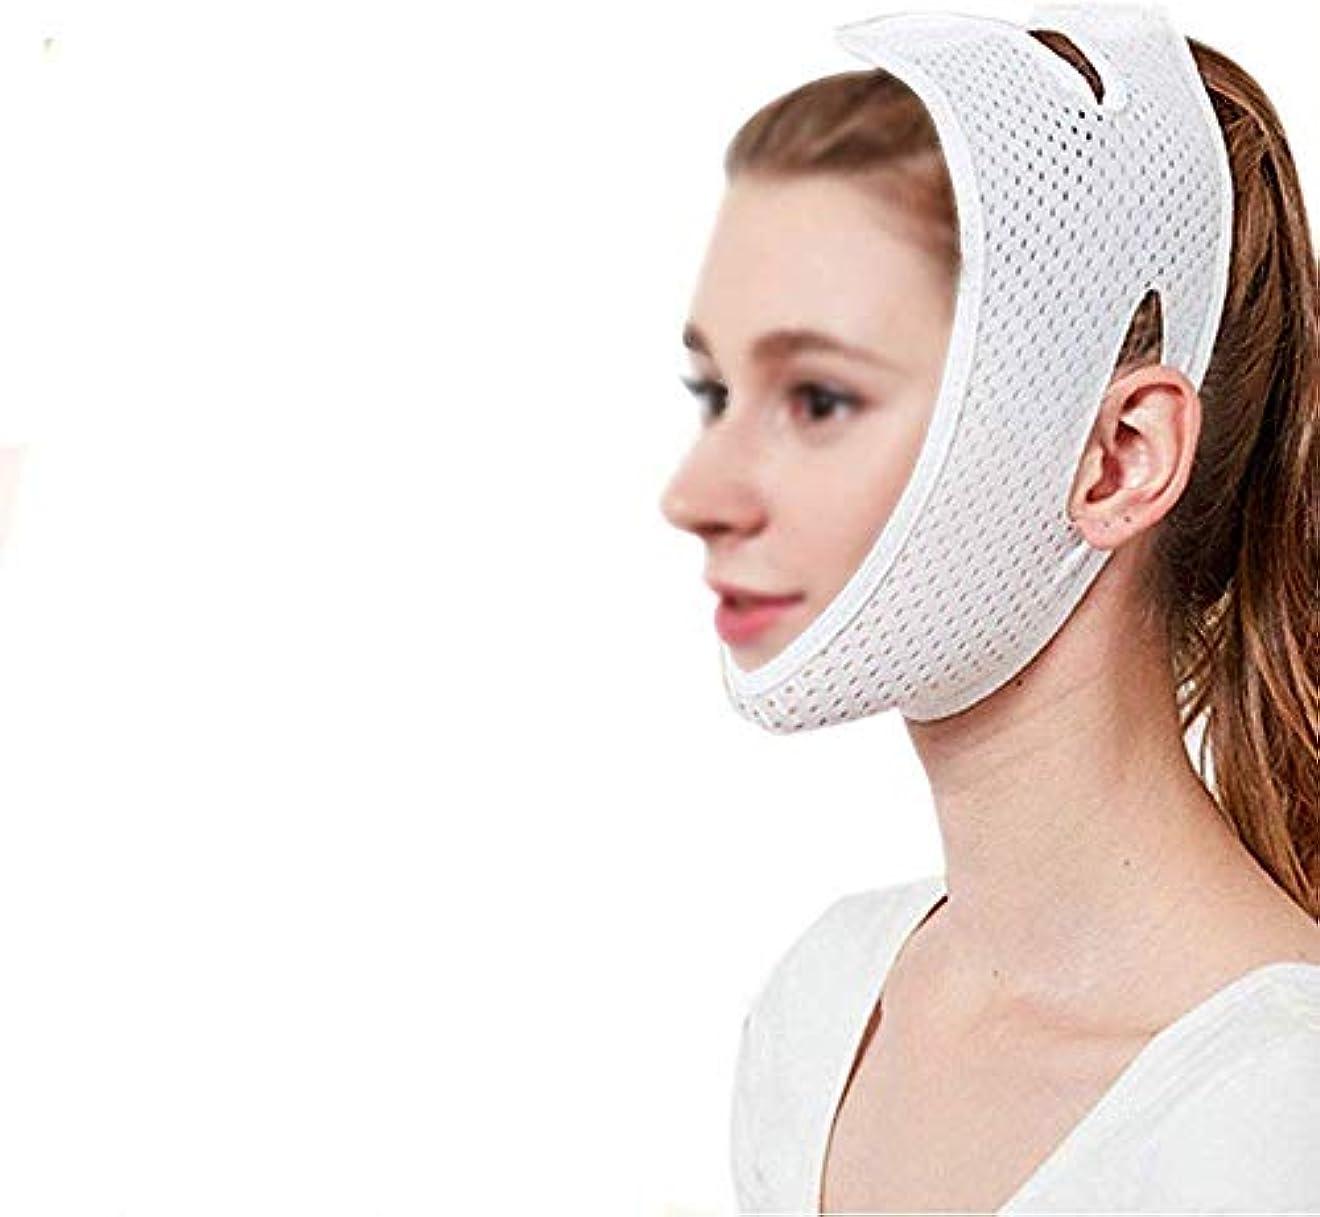 硫黄卑しいマット美容と実用的な薄型フェイスベルト、Vフェイスバンデージからダブルチンデクリーマスクリフティングファーミングスリープマスク(色:白)